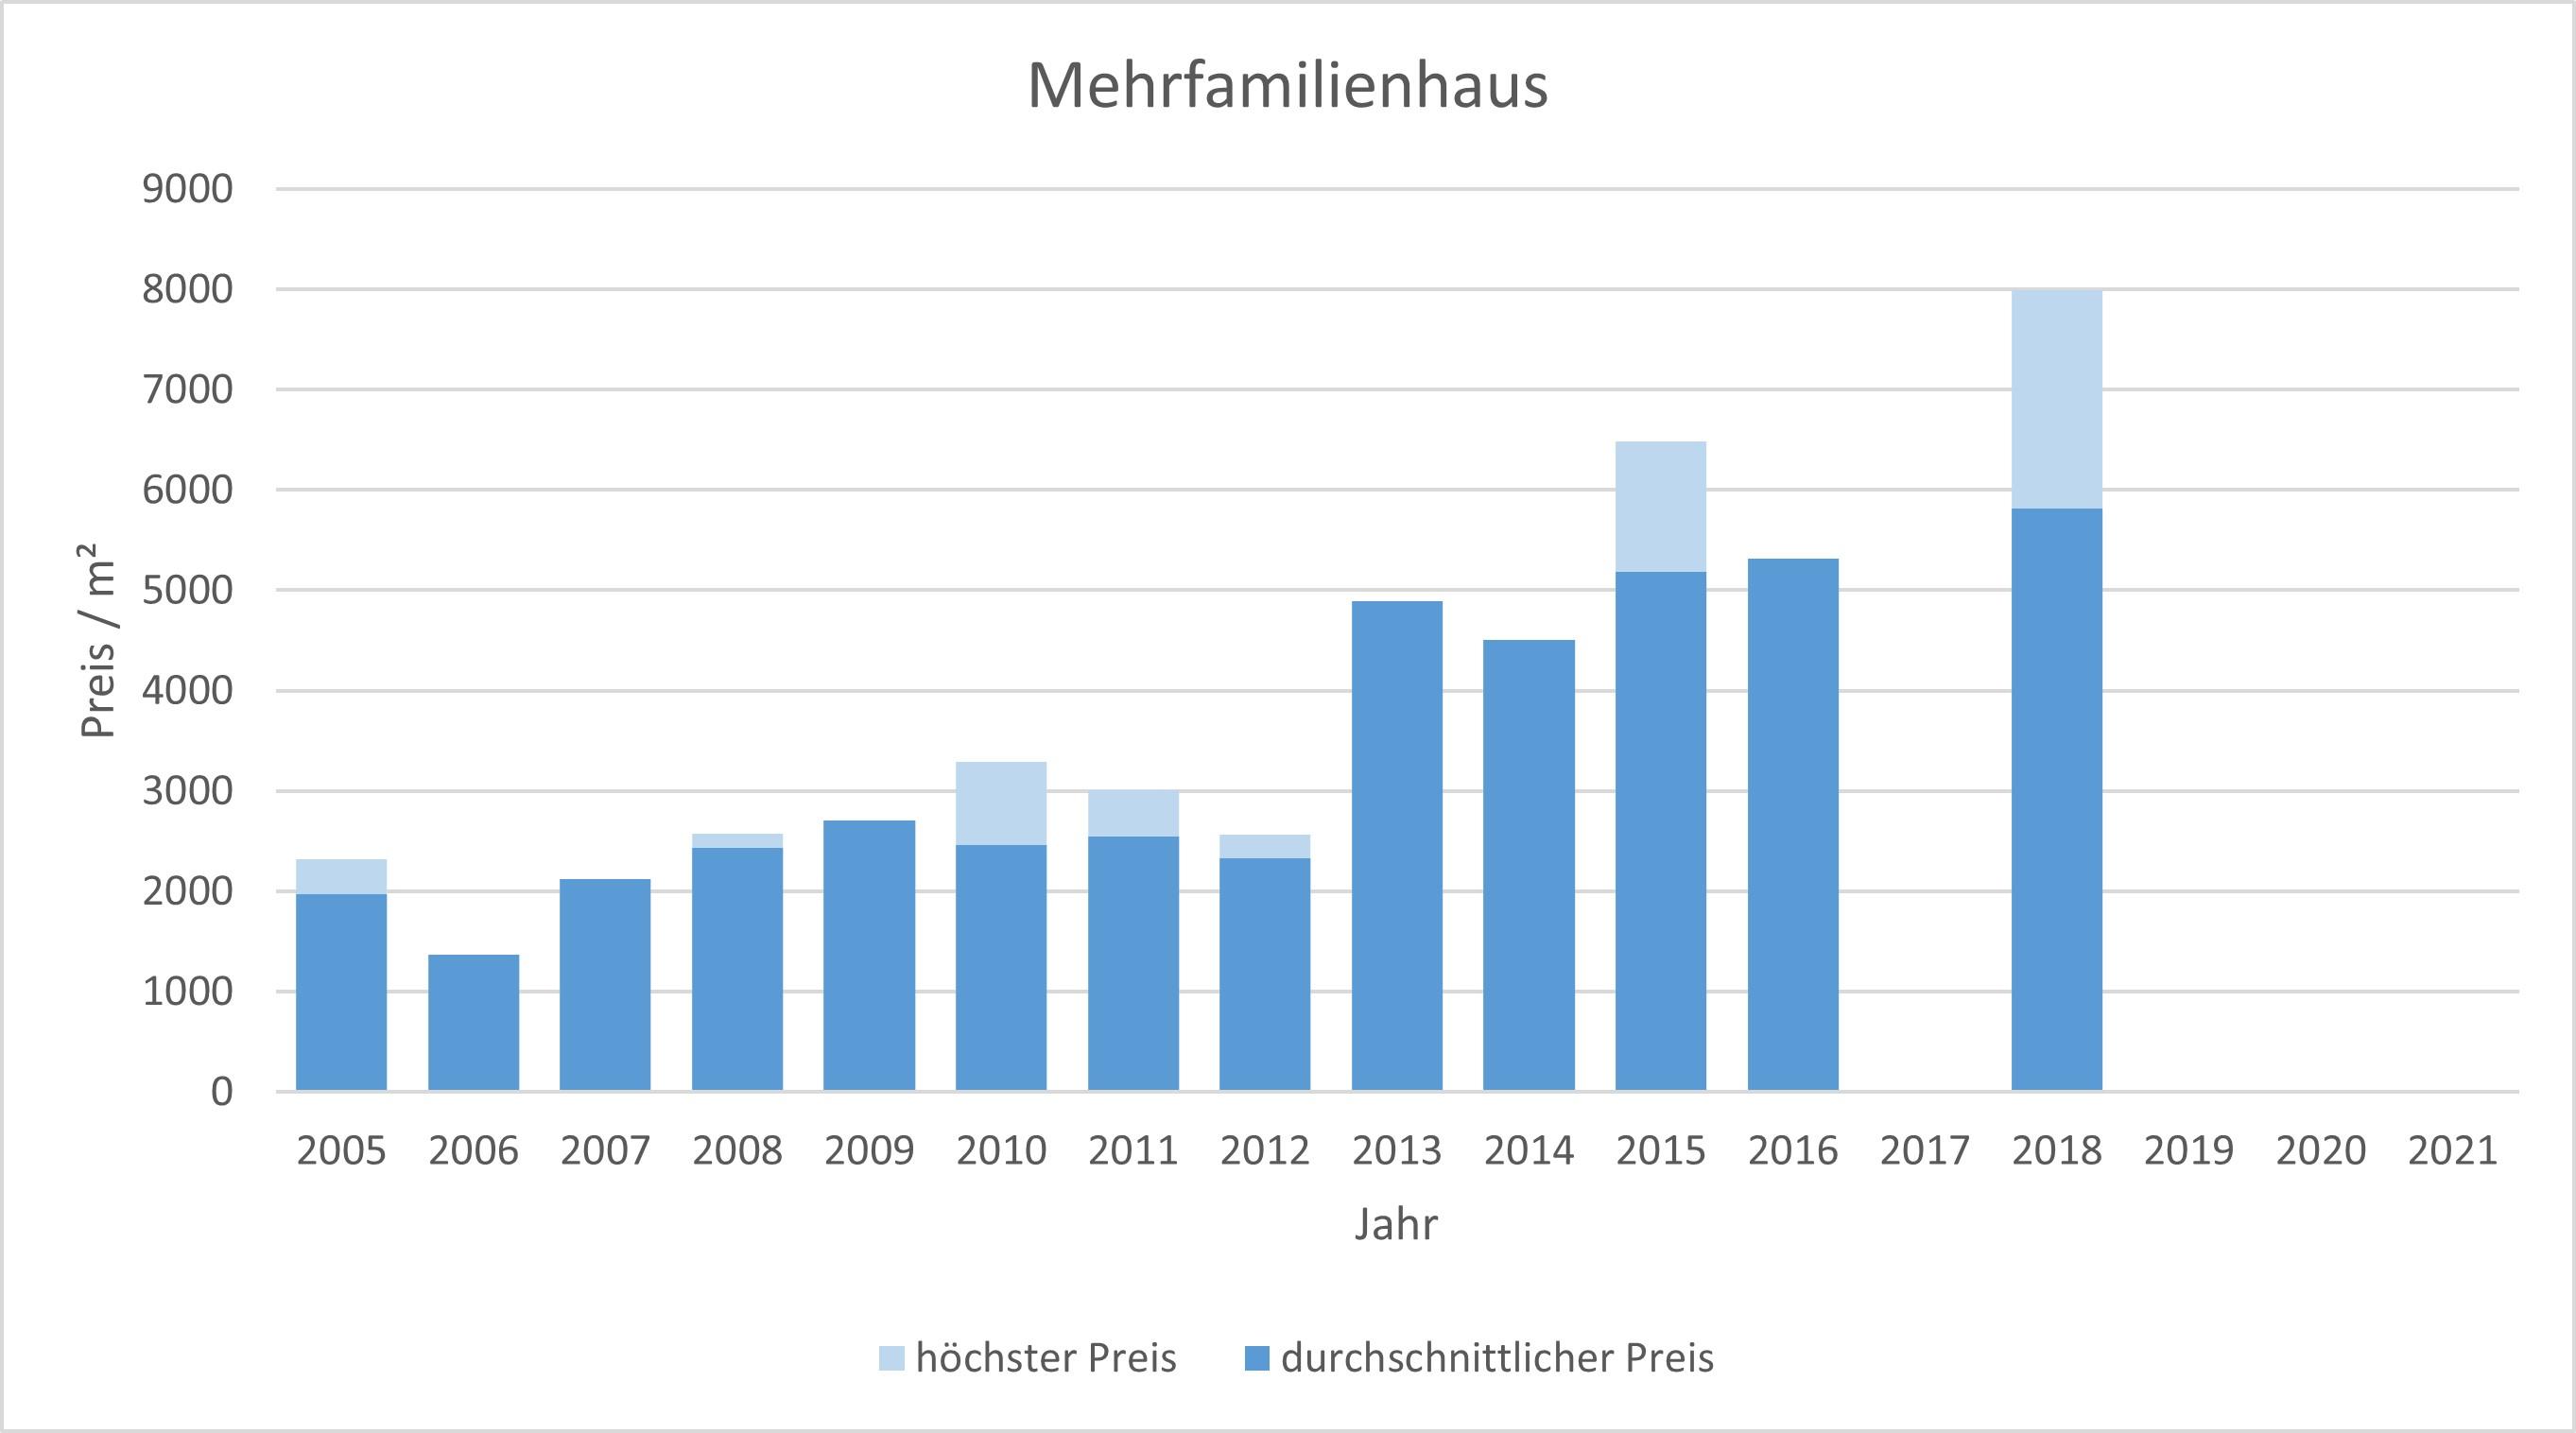 Wörthsee Mehrfamilienhaus kaufen verkaufen Preis Bewertung Makler 2019 2020 2021 www.happy-immo.de